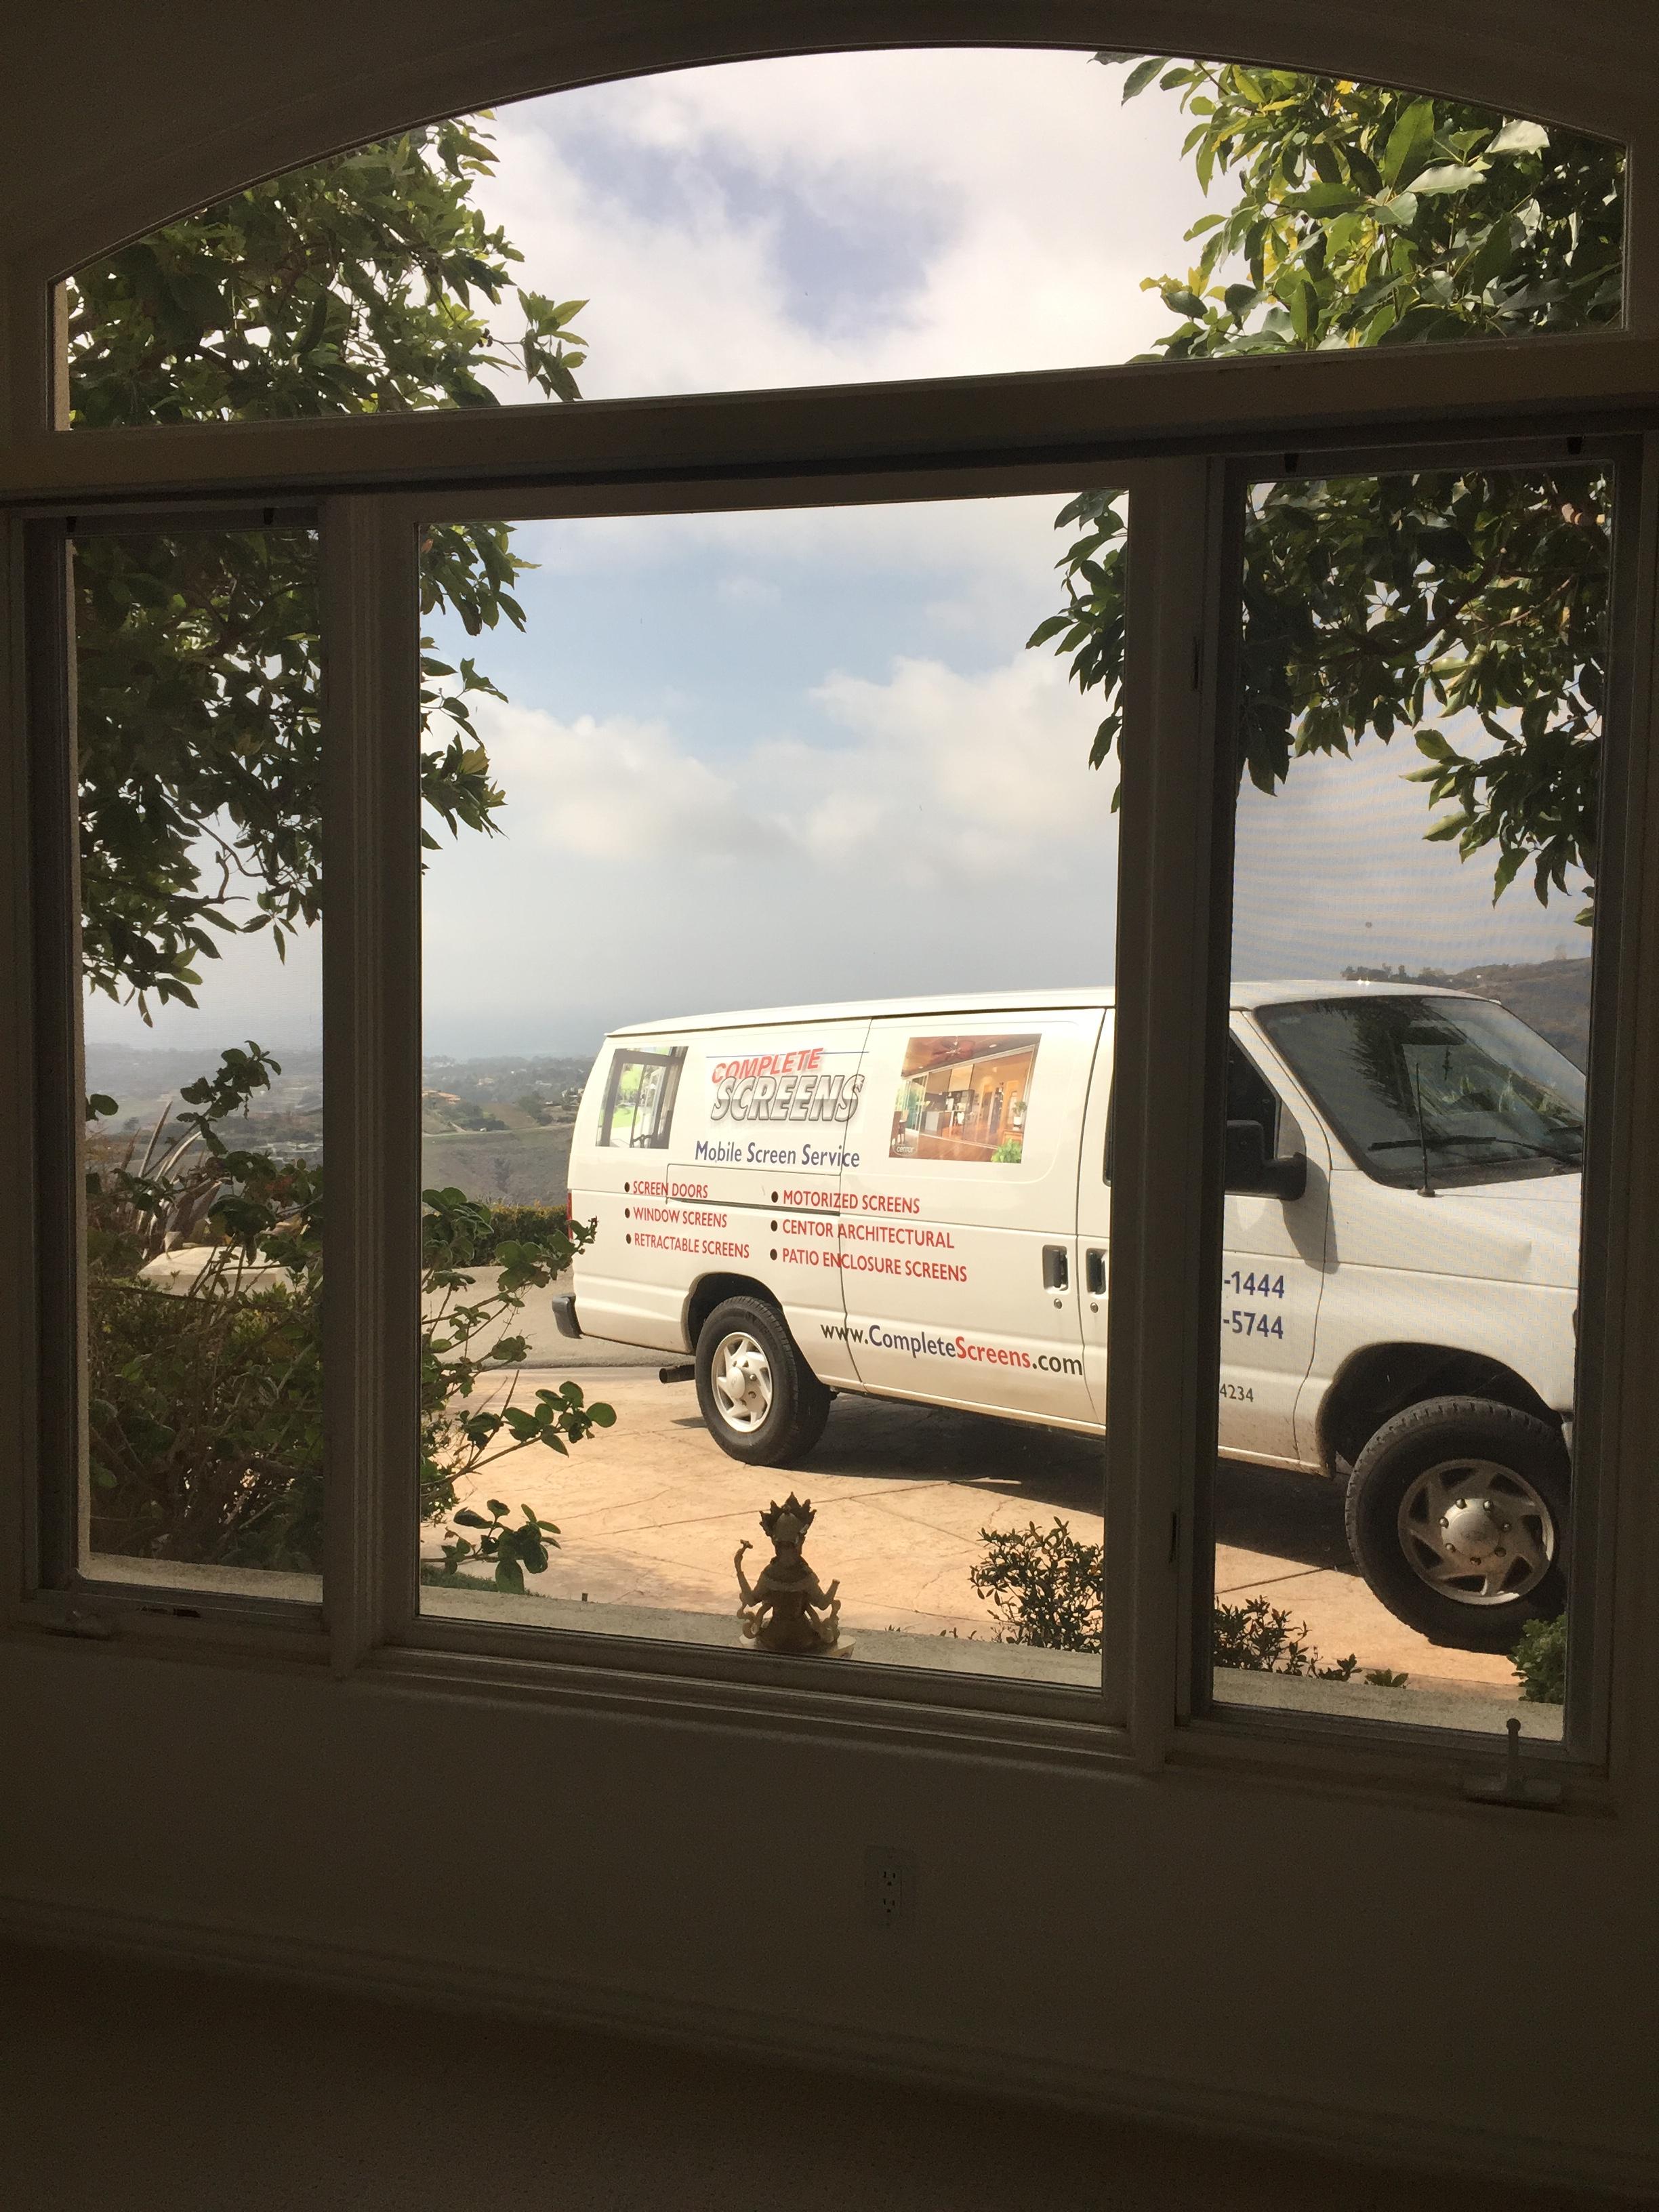 Mobile screen service in Malibu, CA. |